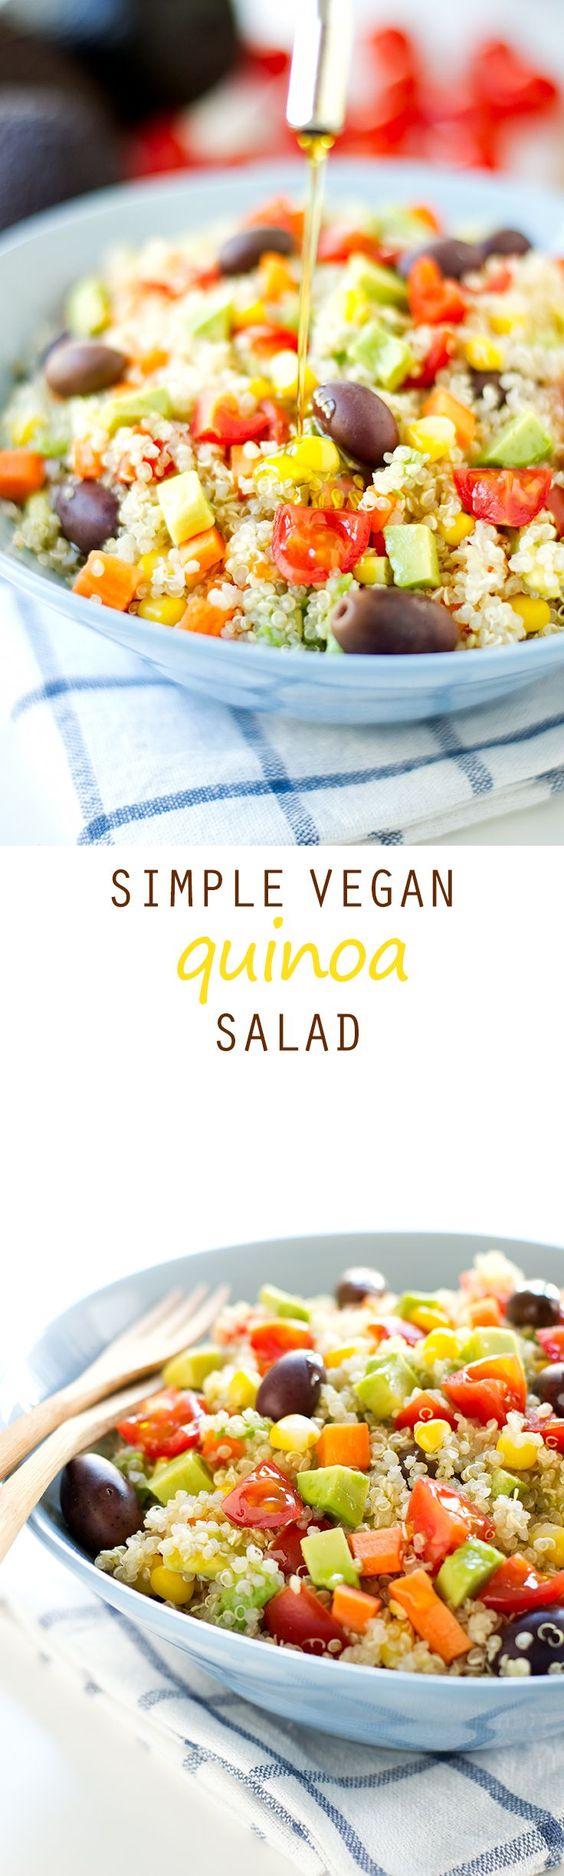 Simple Vegan Quinoa Salad | Recipe | Quinoa Salad, Quinoa and Vegans